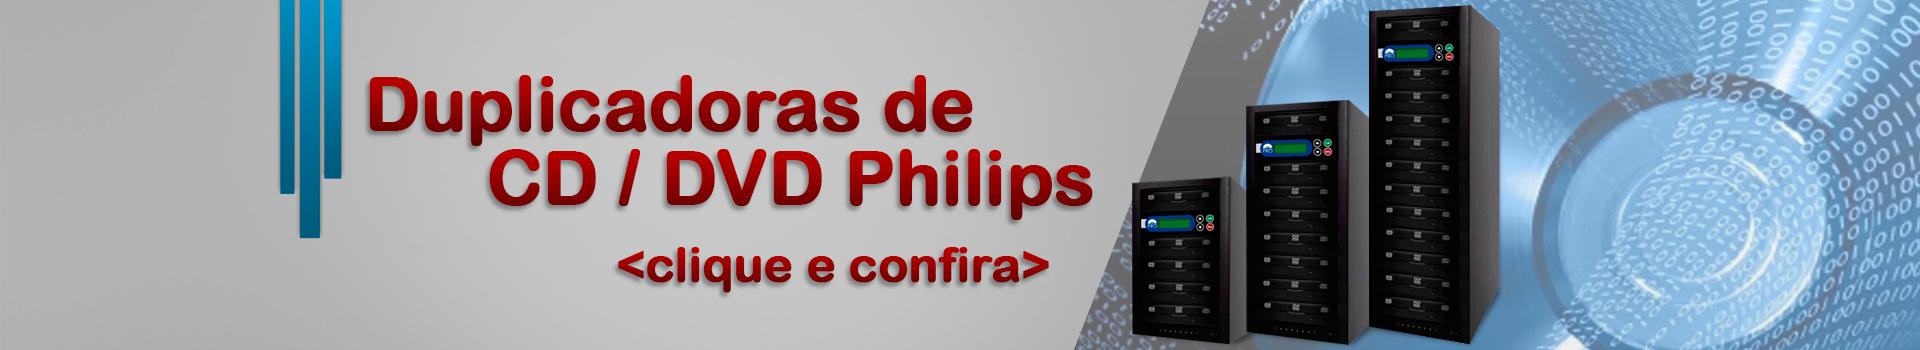 Duplicadoras Philips